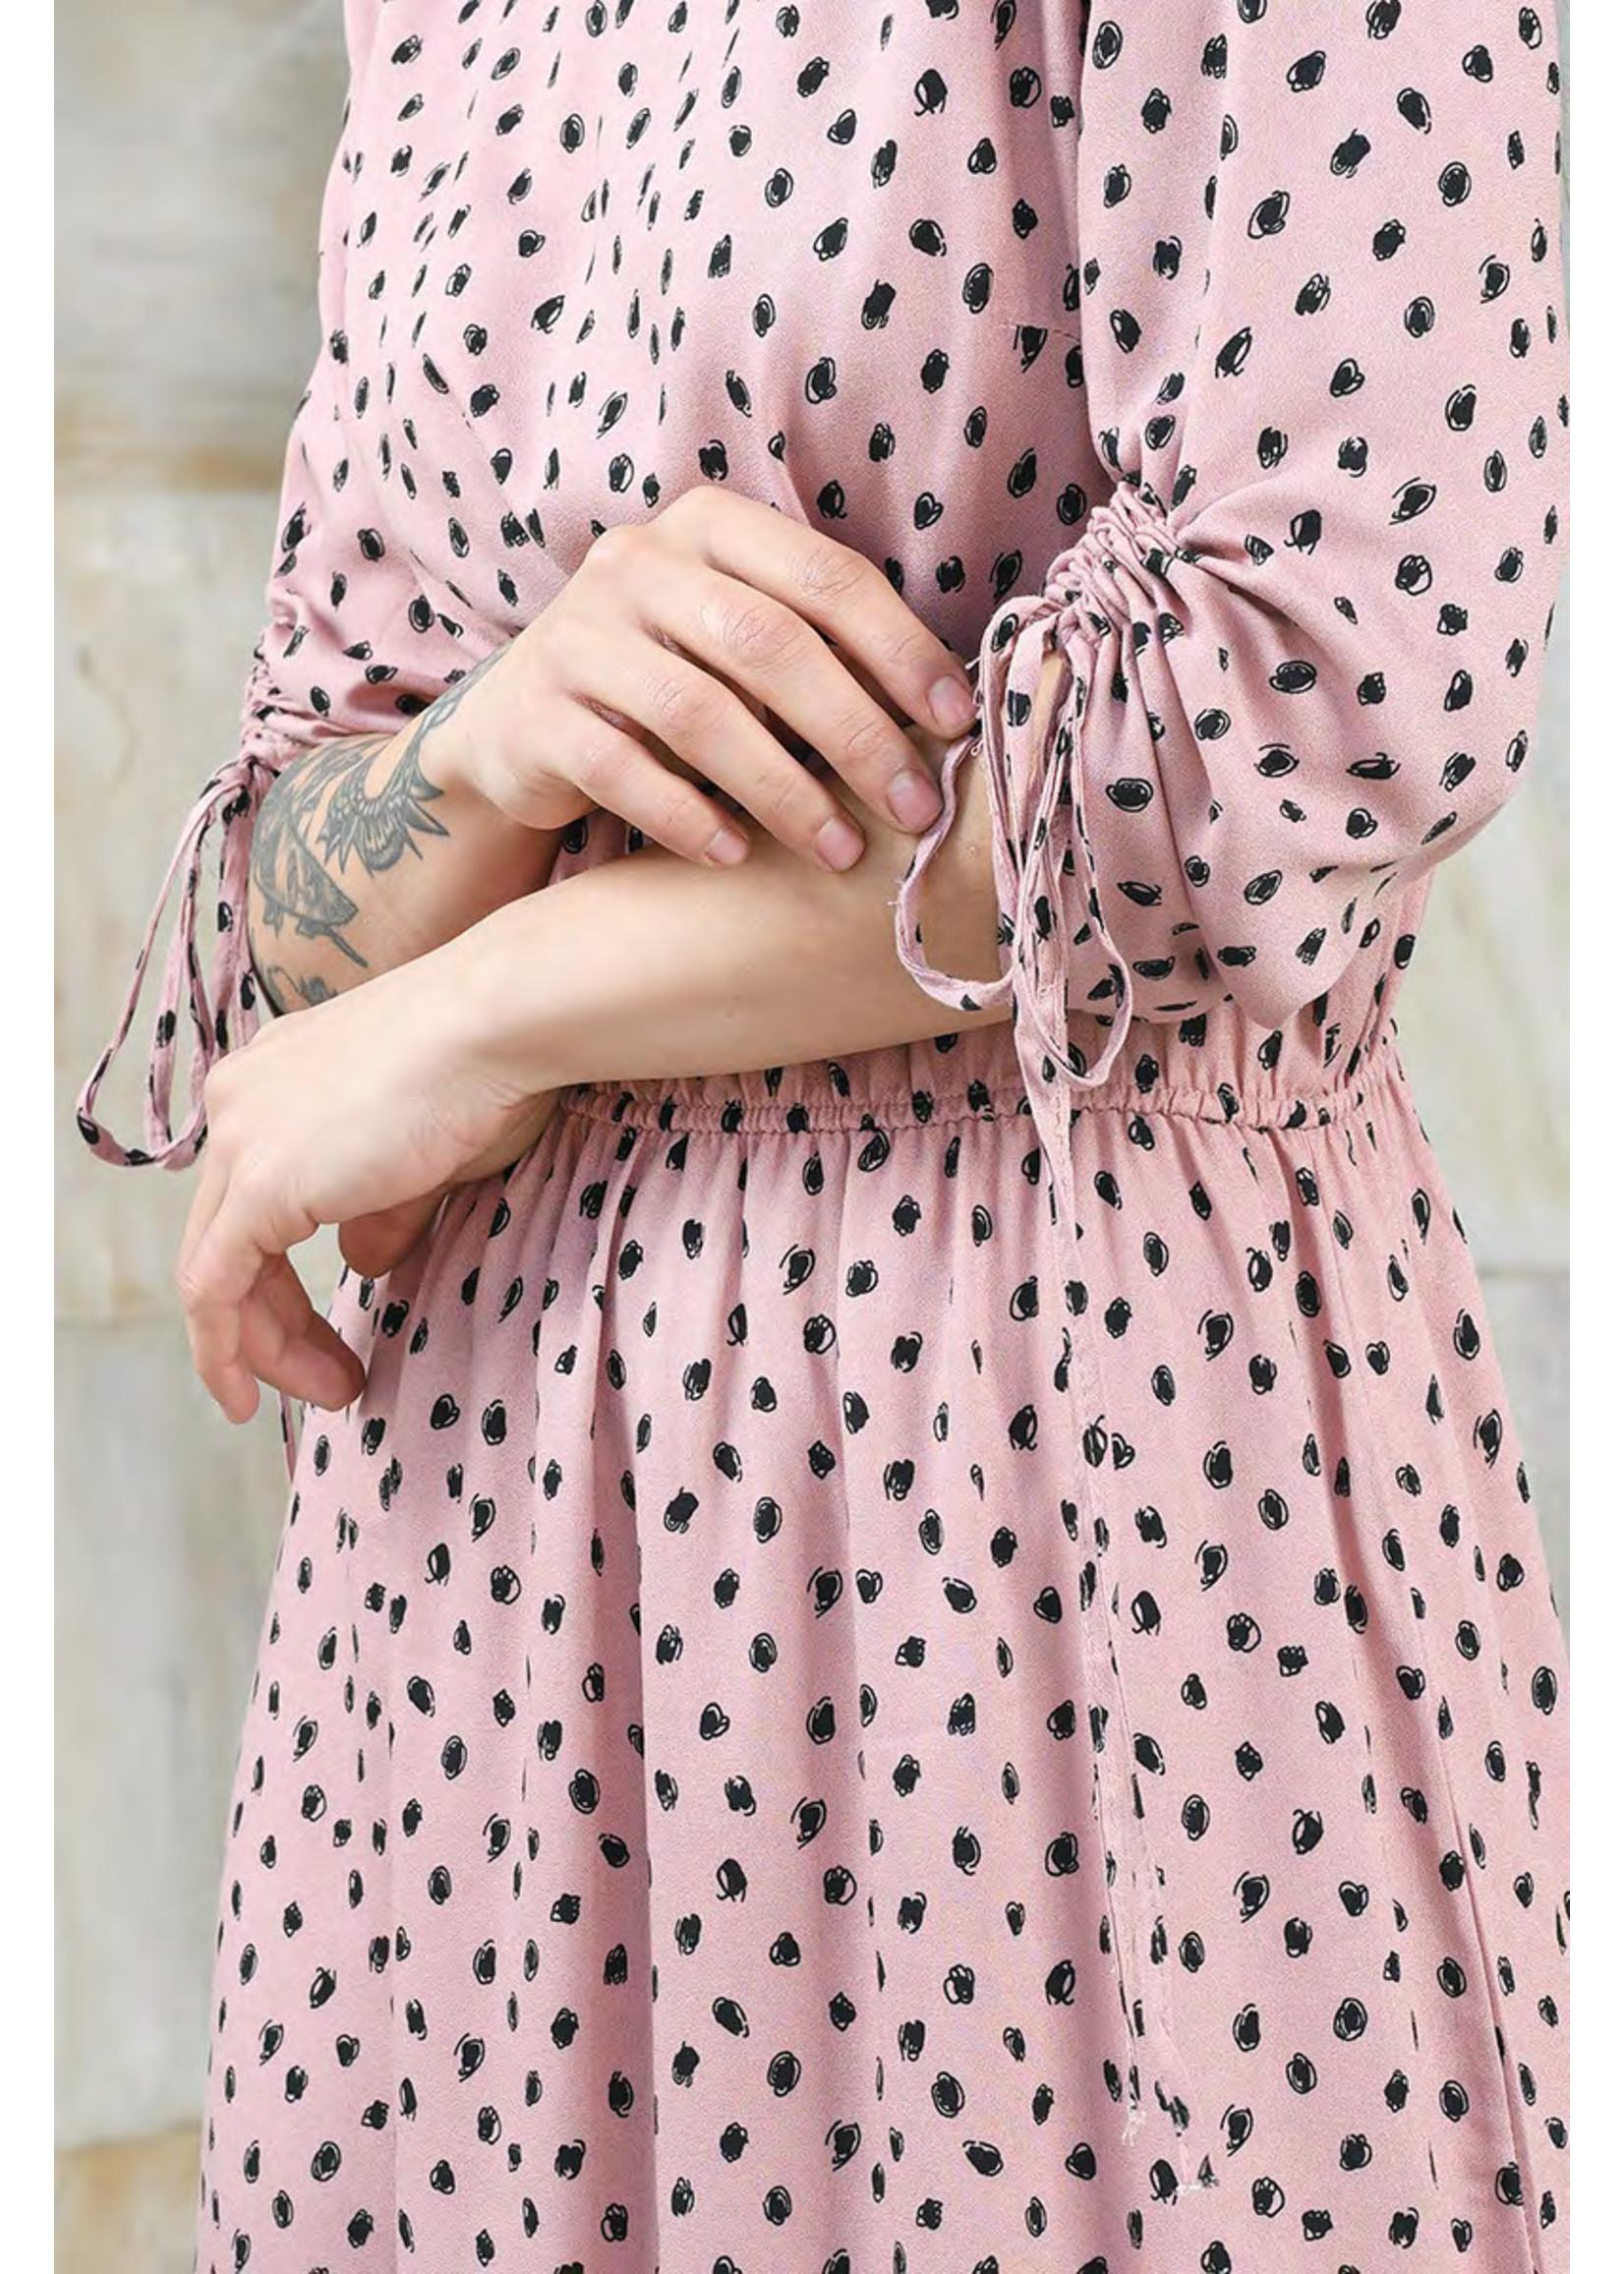 Vitesi Polka Dot Dress